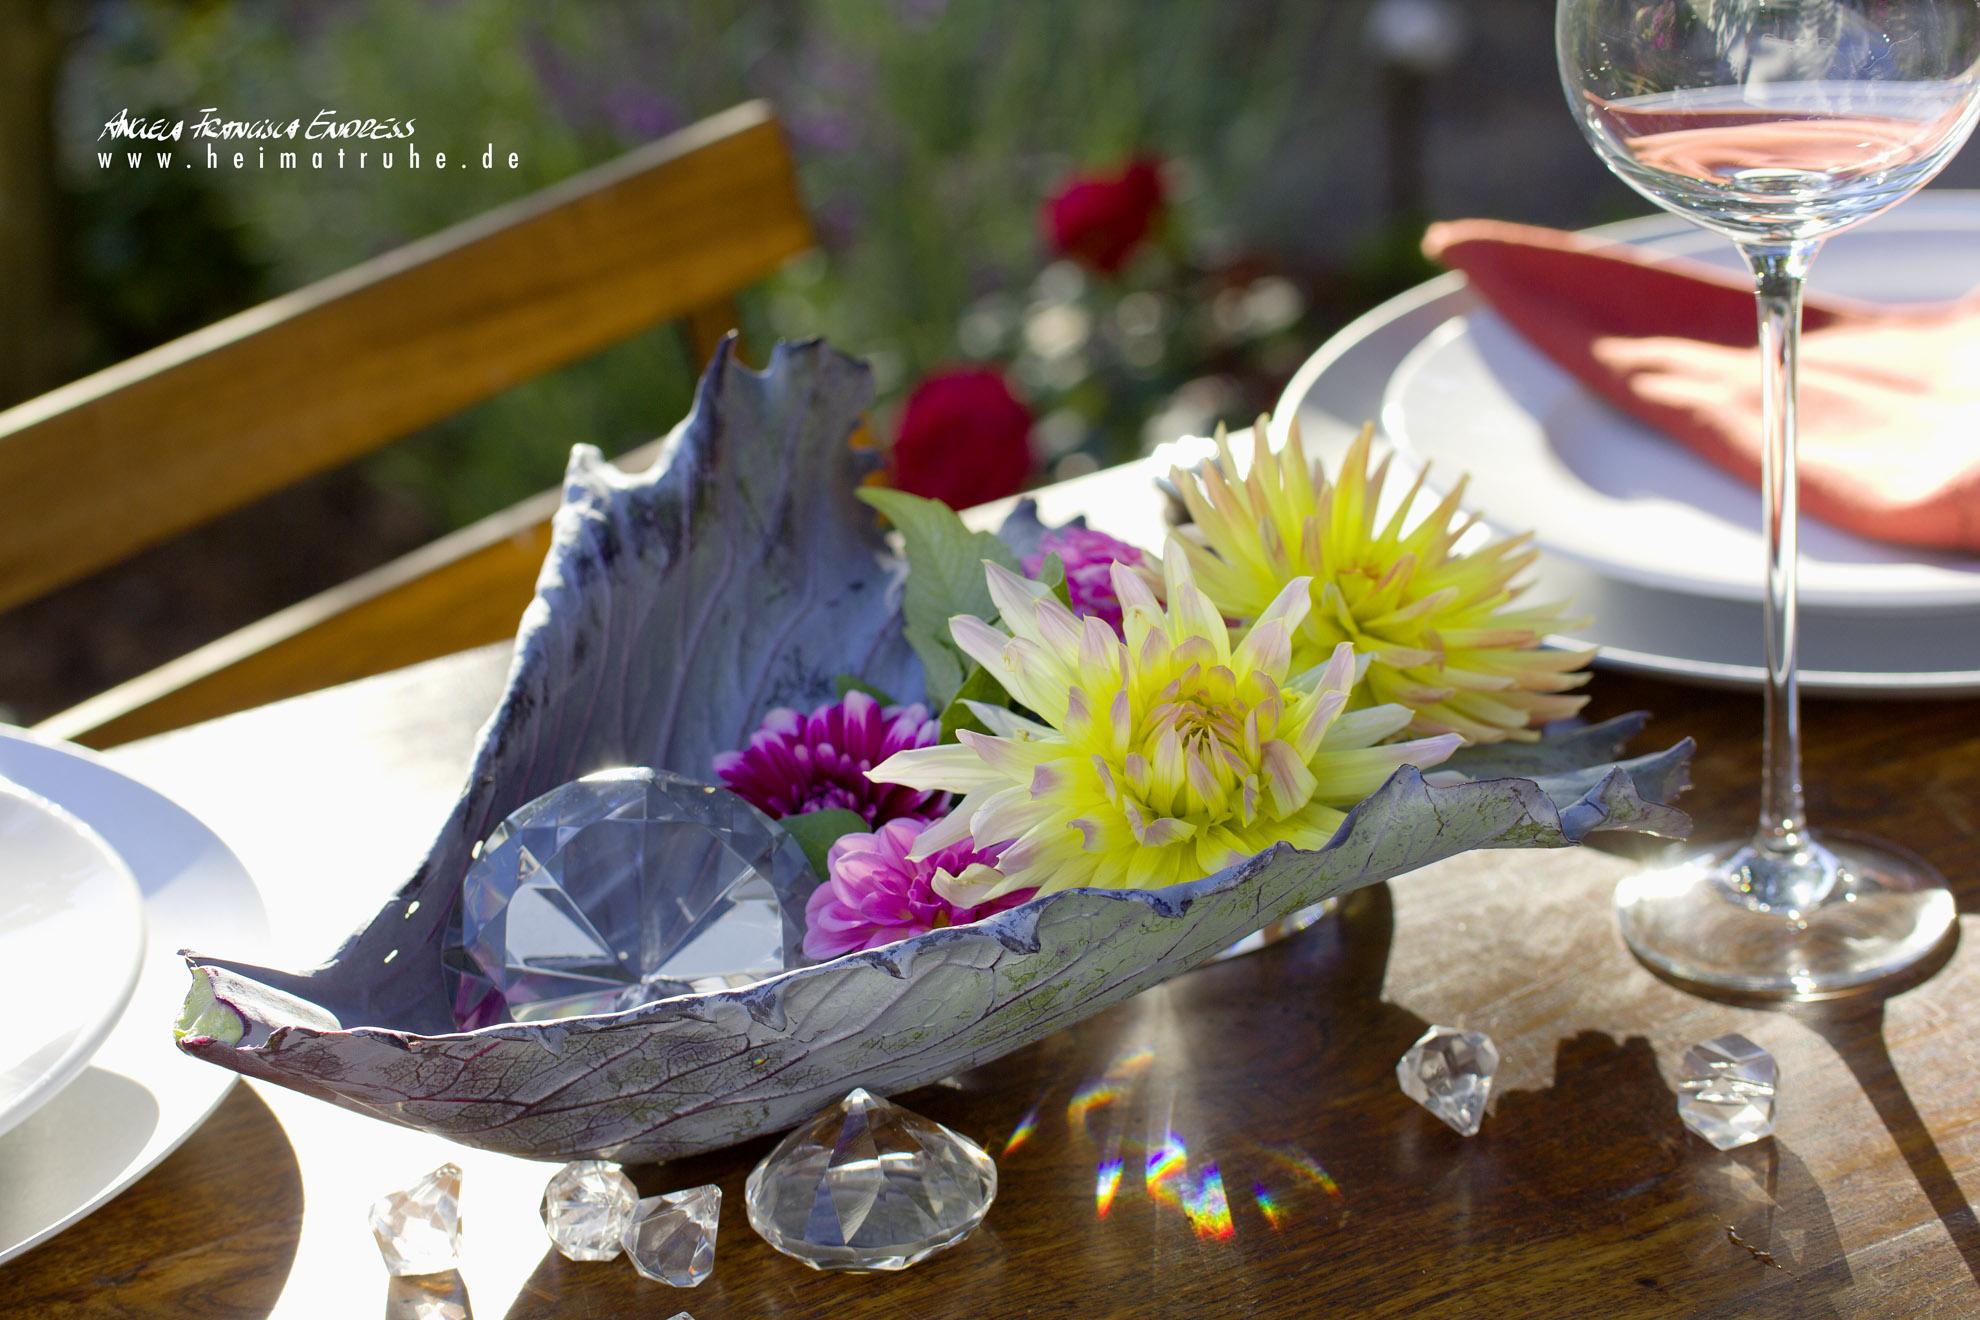 Kohlblatt als Blumenschale mit Dahlien und Glasklunkern Deko